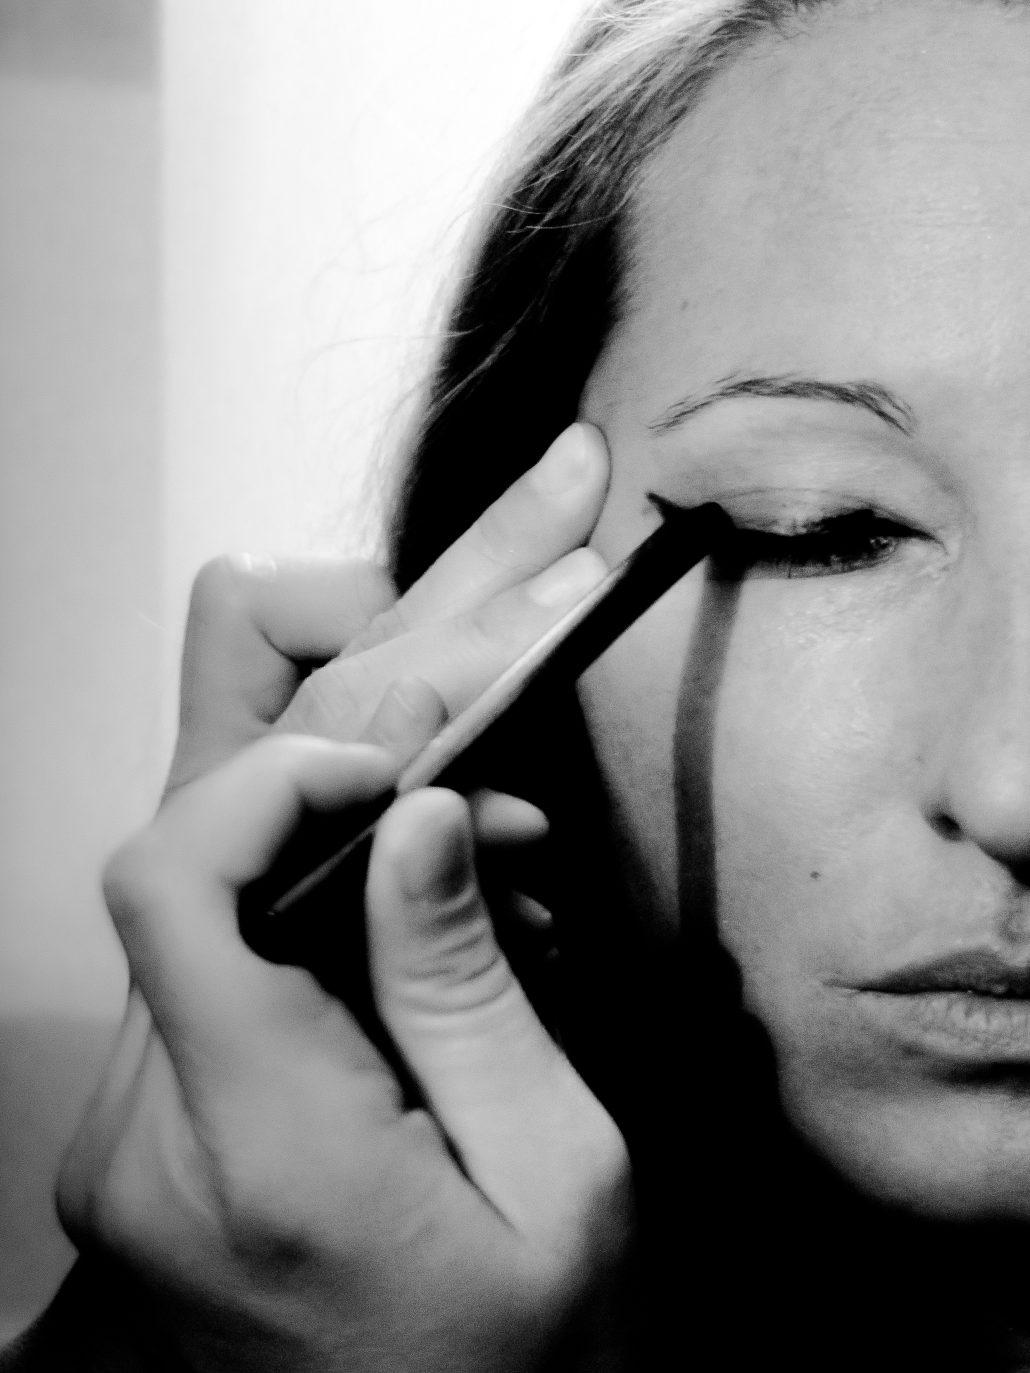 La Femme au Maquillage